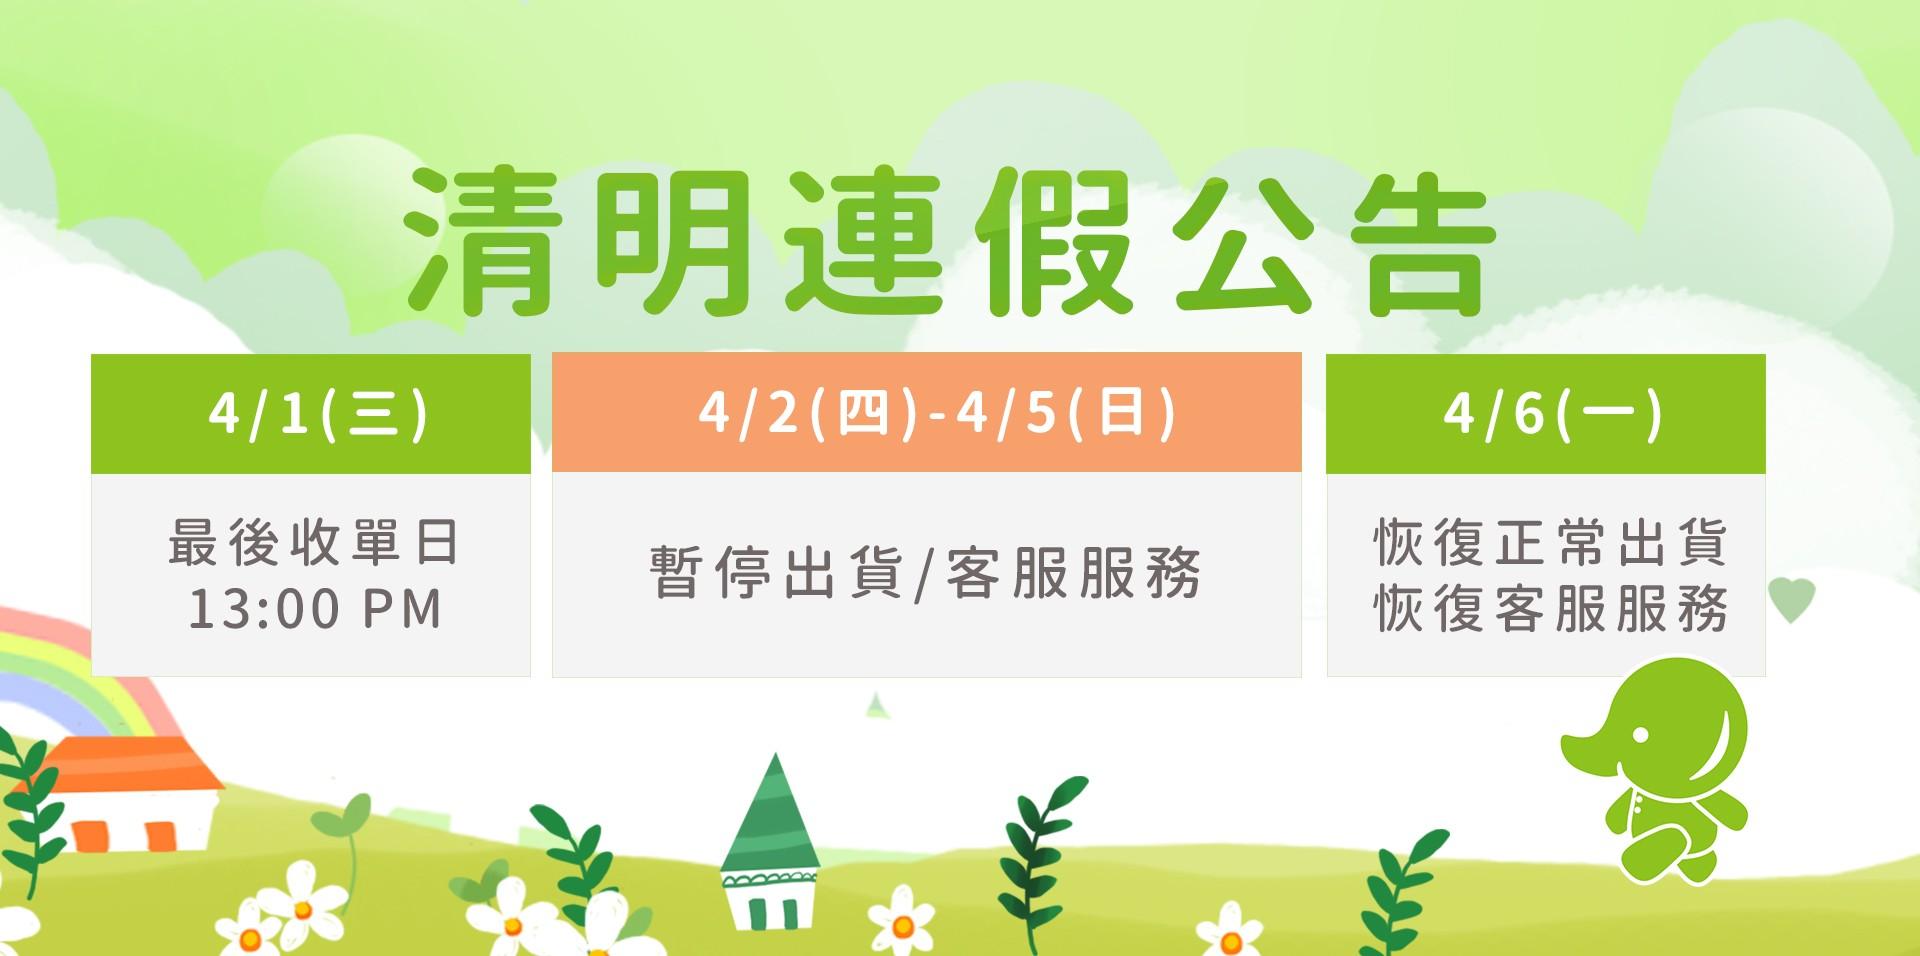 清明連假公告,4/2(四)-4/5(日)暫停出貨及客服服務。